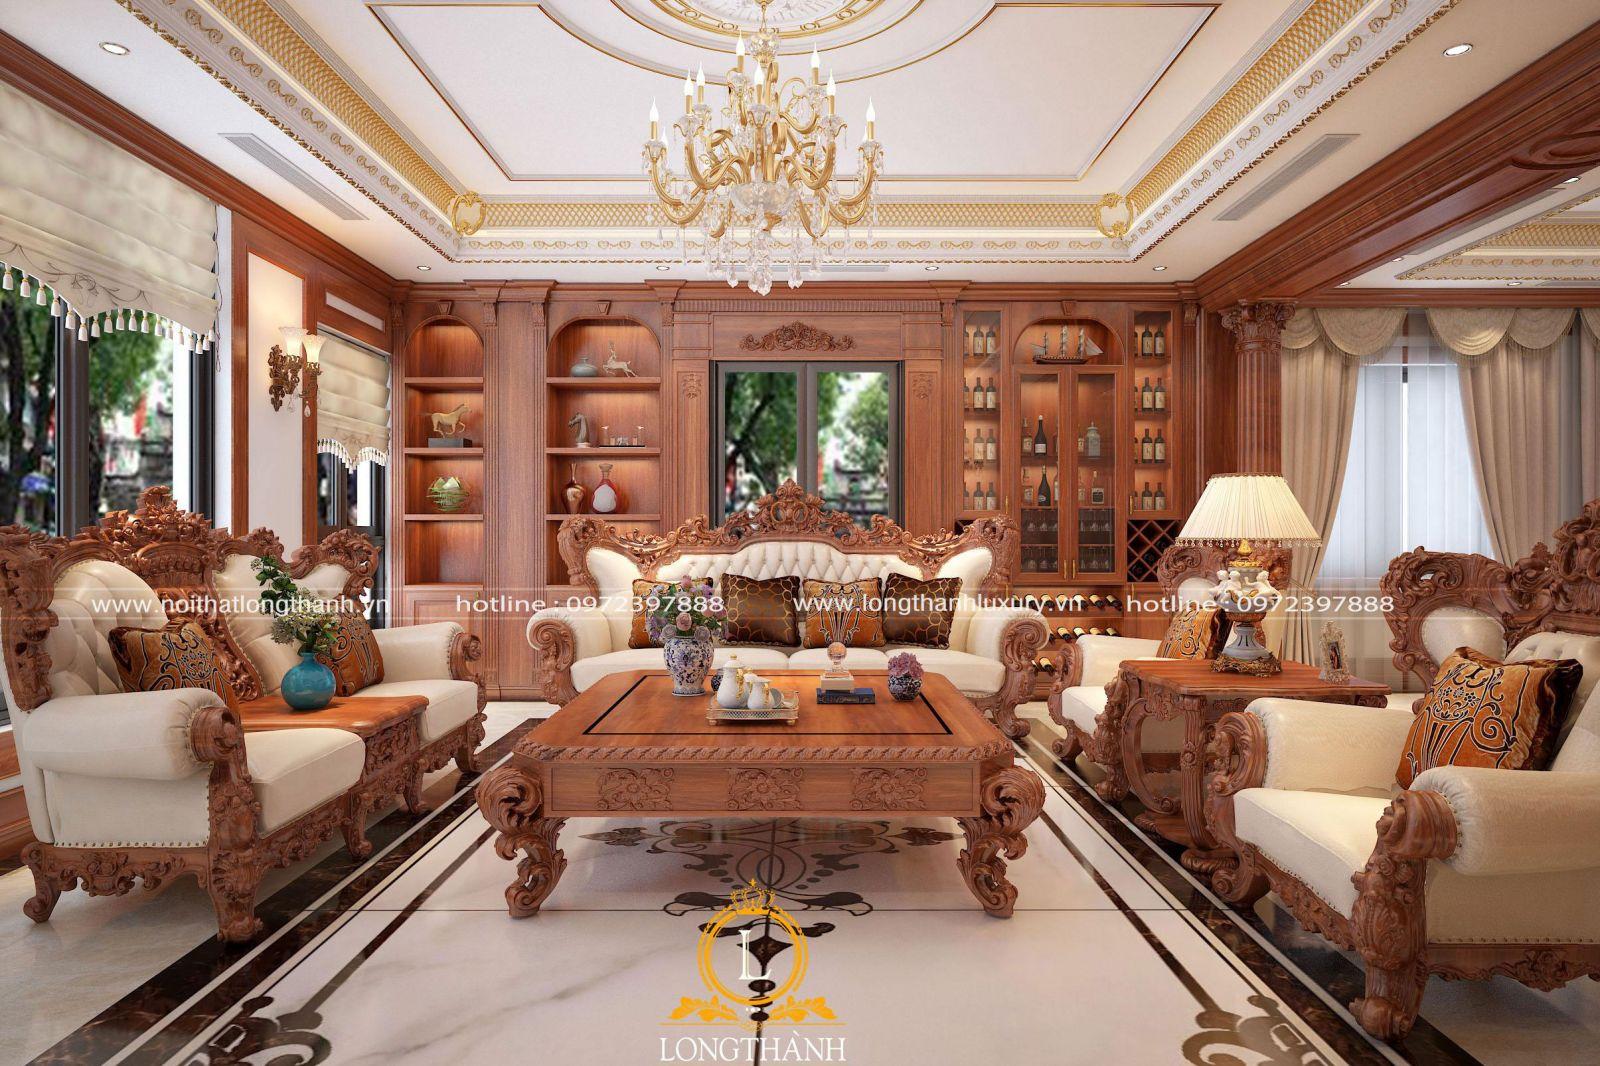 Phong cách nội thất tân cổ điển cho phòng khách biệt thự